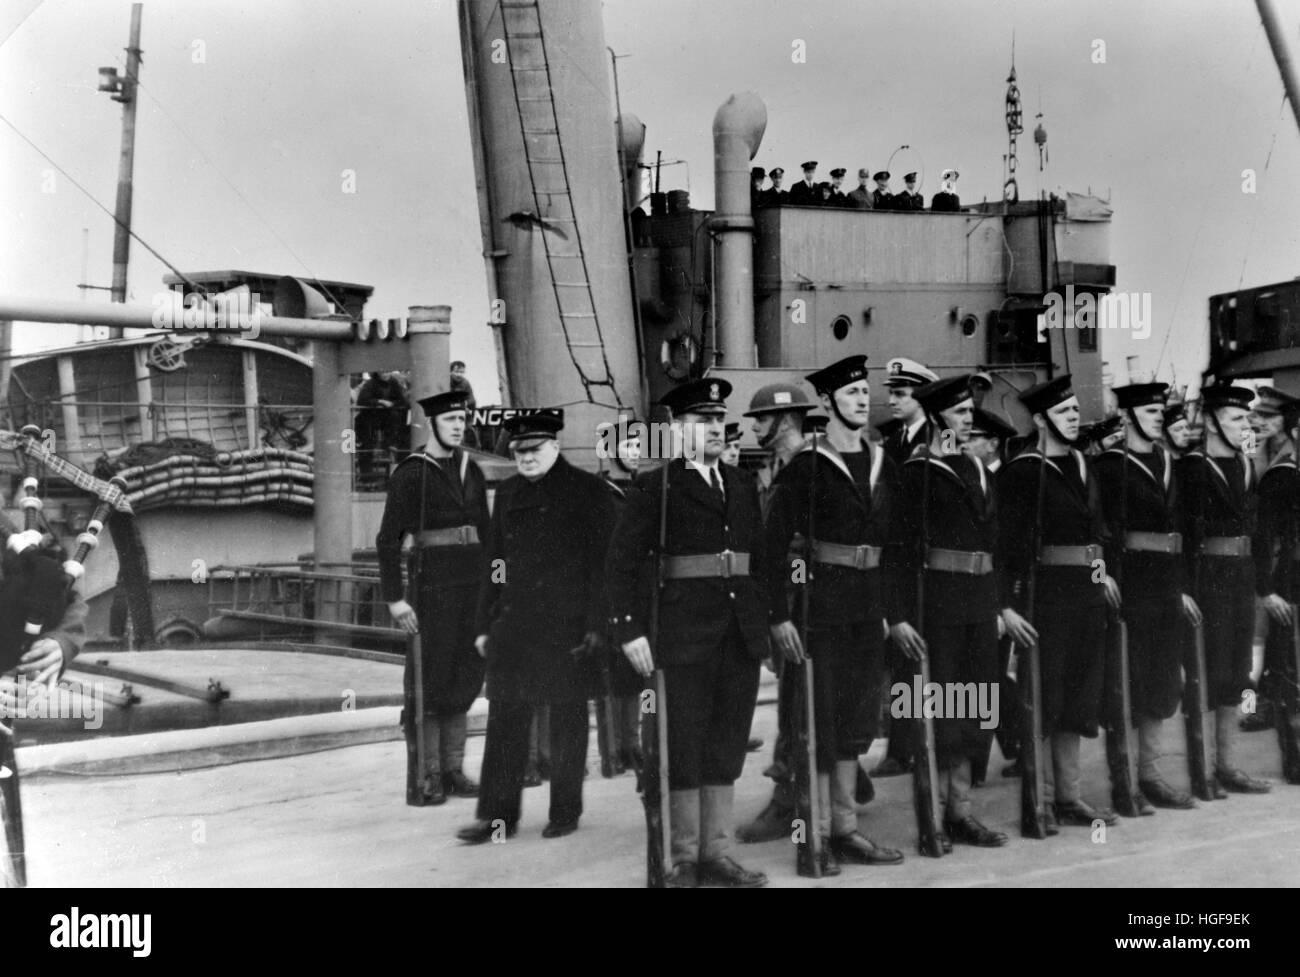 Churchill reviews sailors aboard a Royal Navy warship 1943 - Stock Image